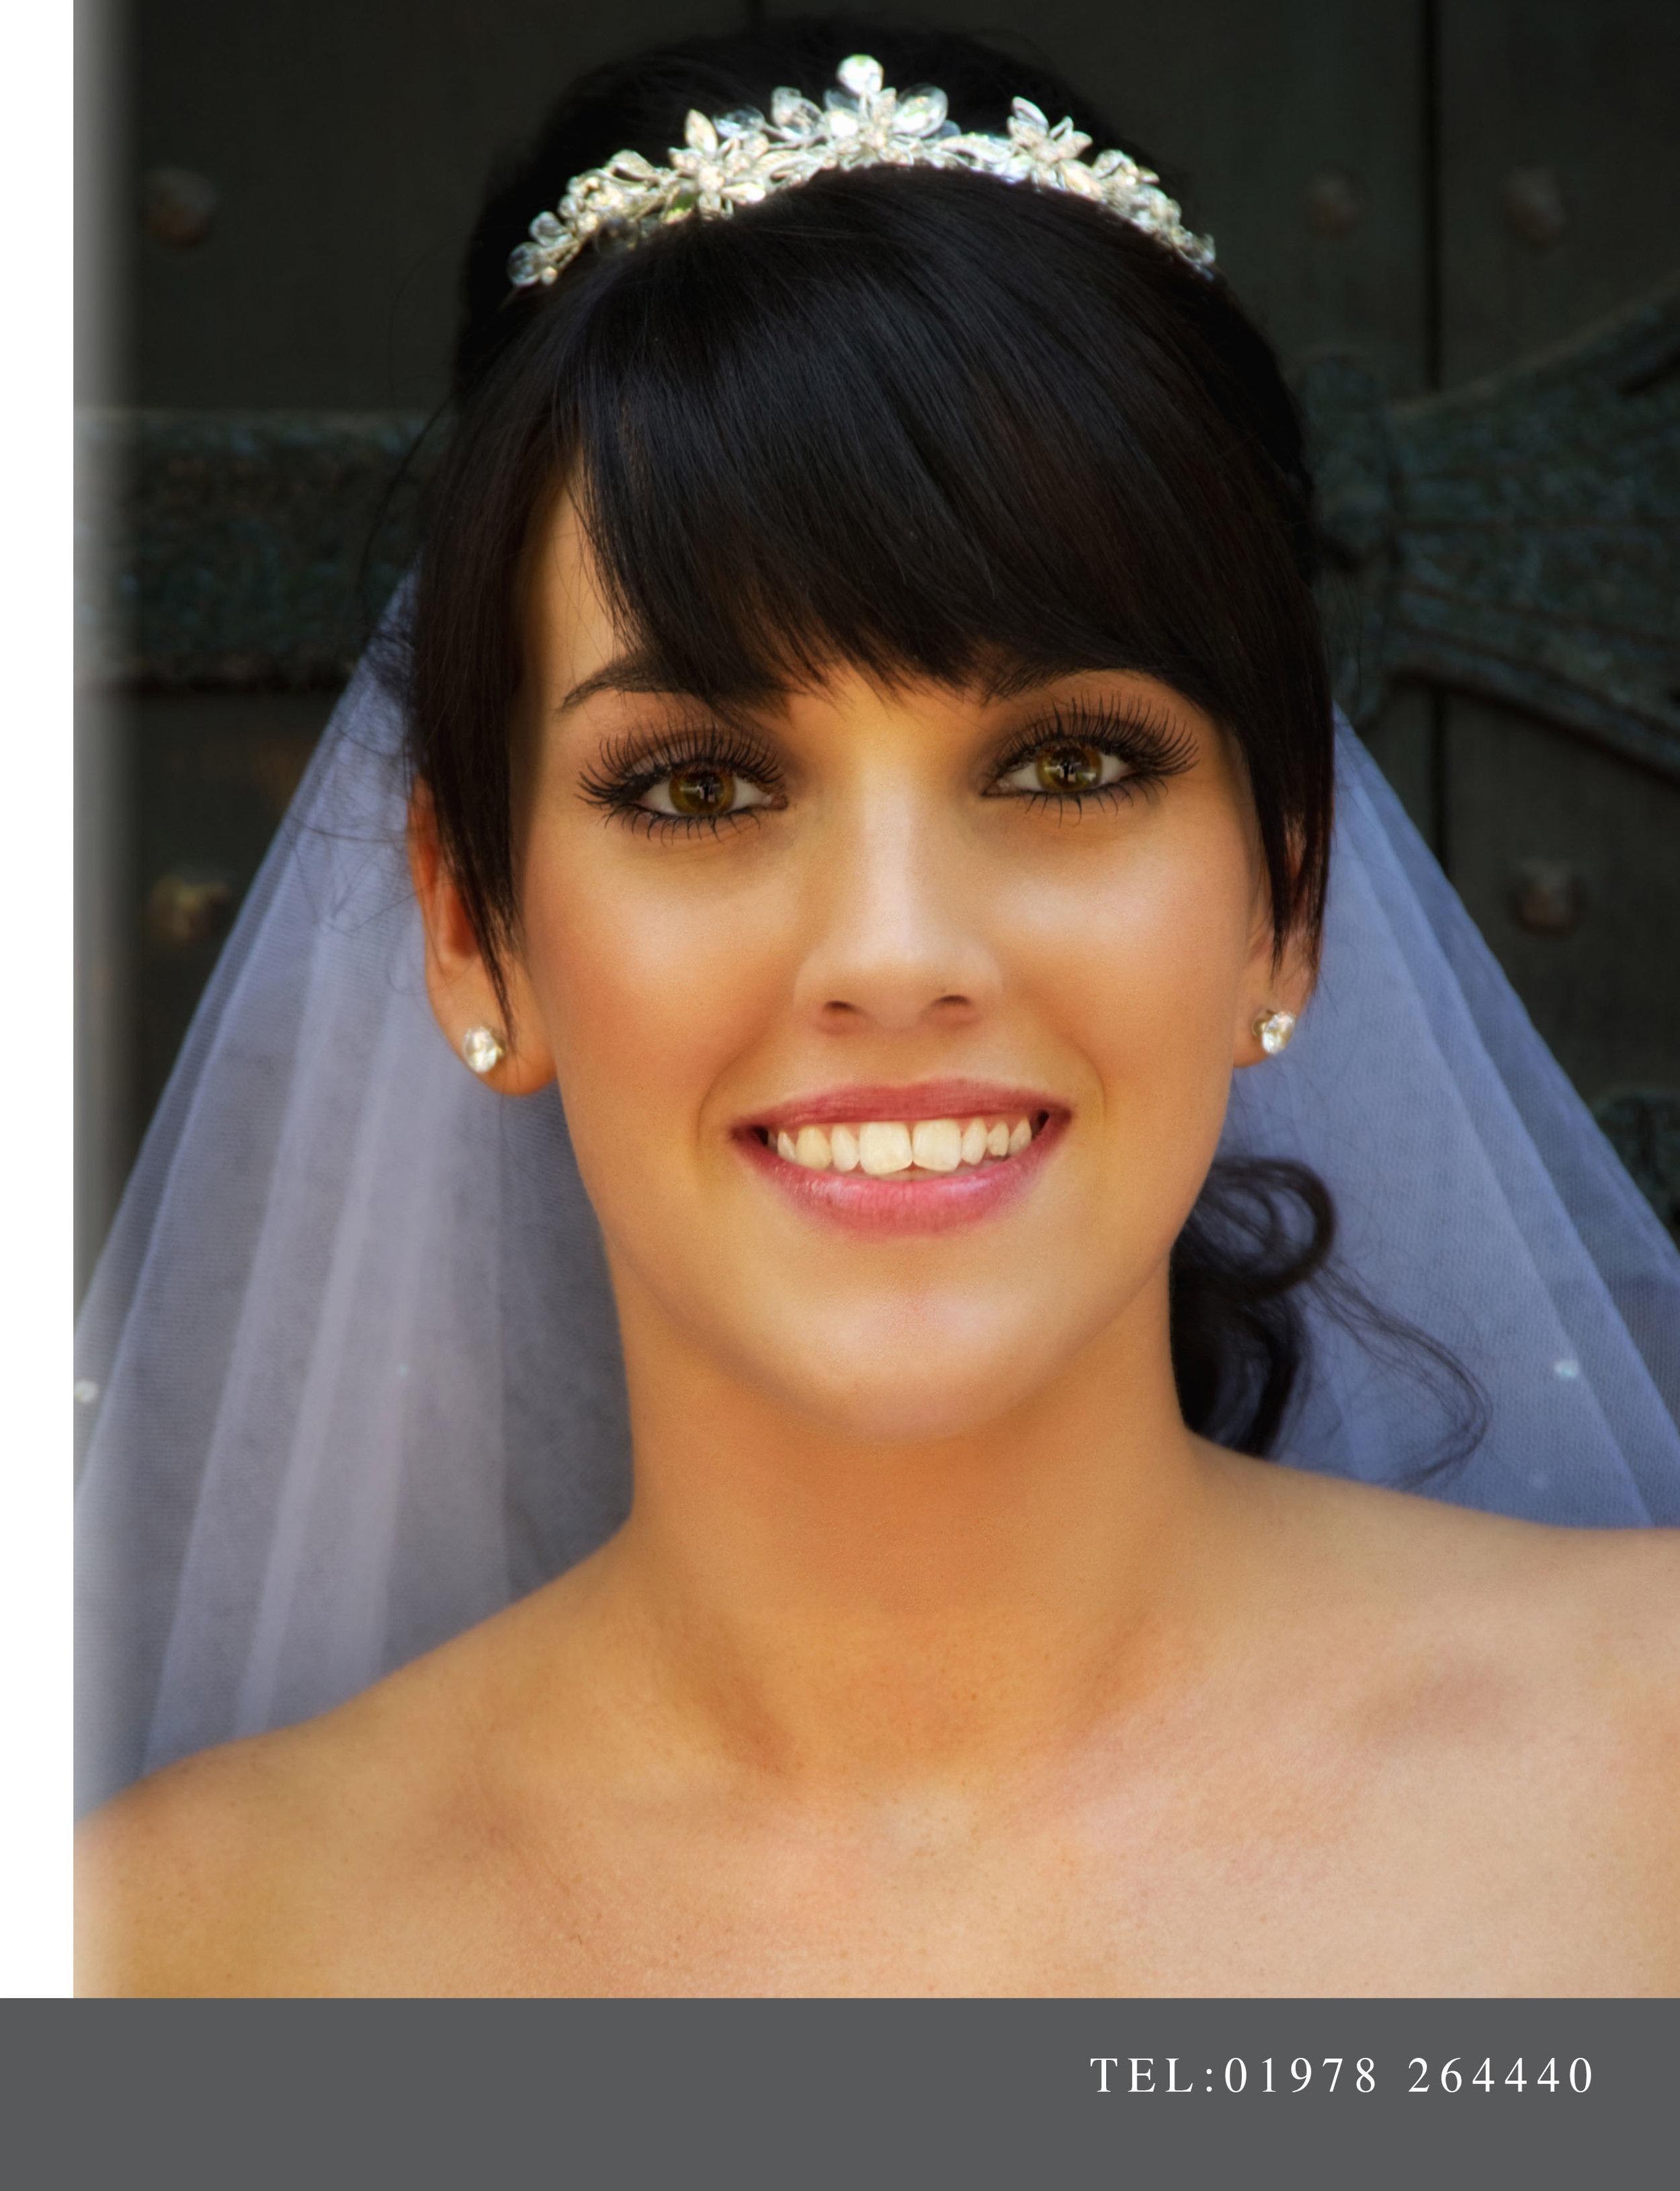 6 - BP4U - Wedding Client Guide - PG 10.jpg